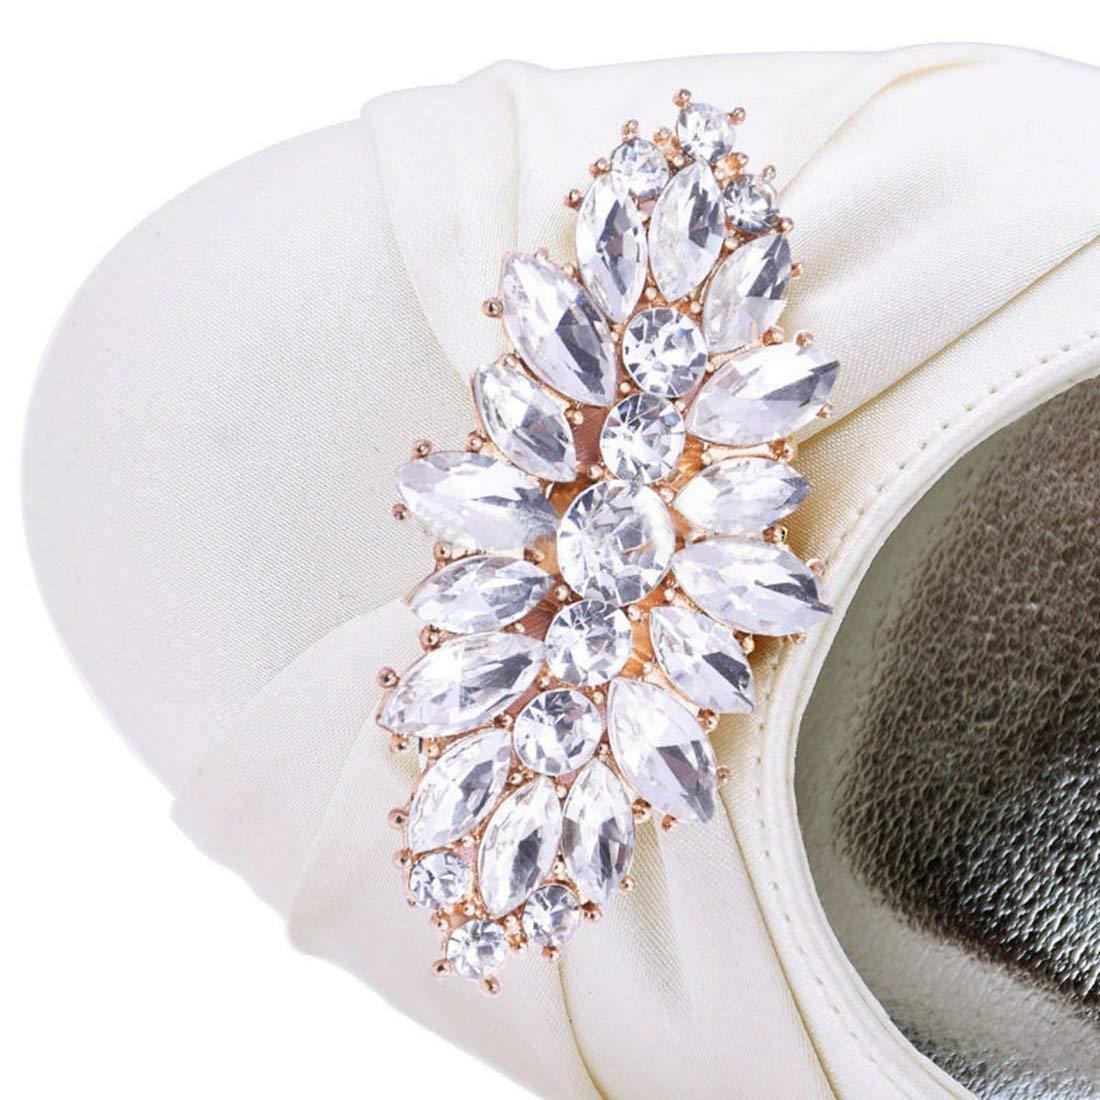 ZHRUI Classic   Classic ZHRUI AFemmede Toe Wedge Talons Hauts Ivoire Satin De Mariée Pompes De Mariée UK 3.5 (coloré : -, Taille : -)B07JZBB9BQParent 17e369